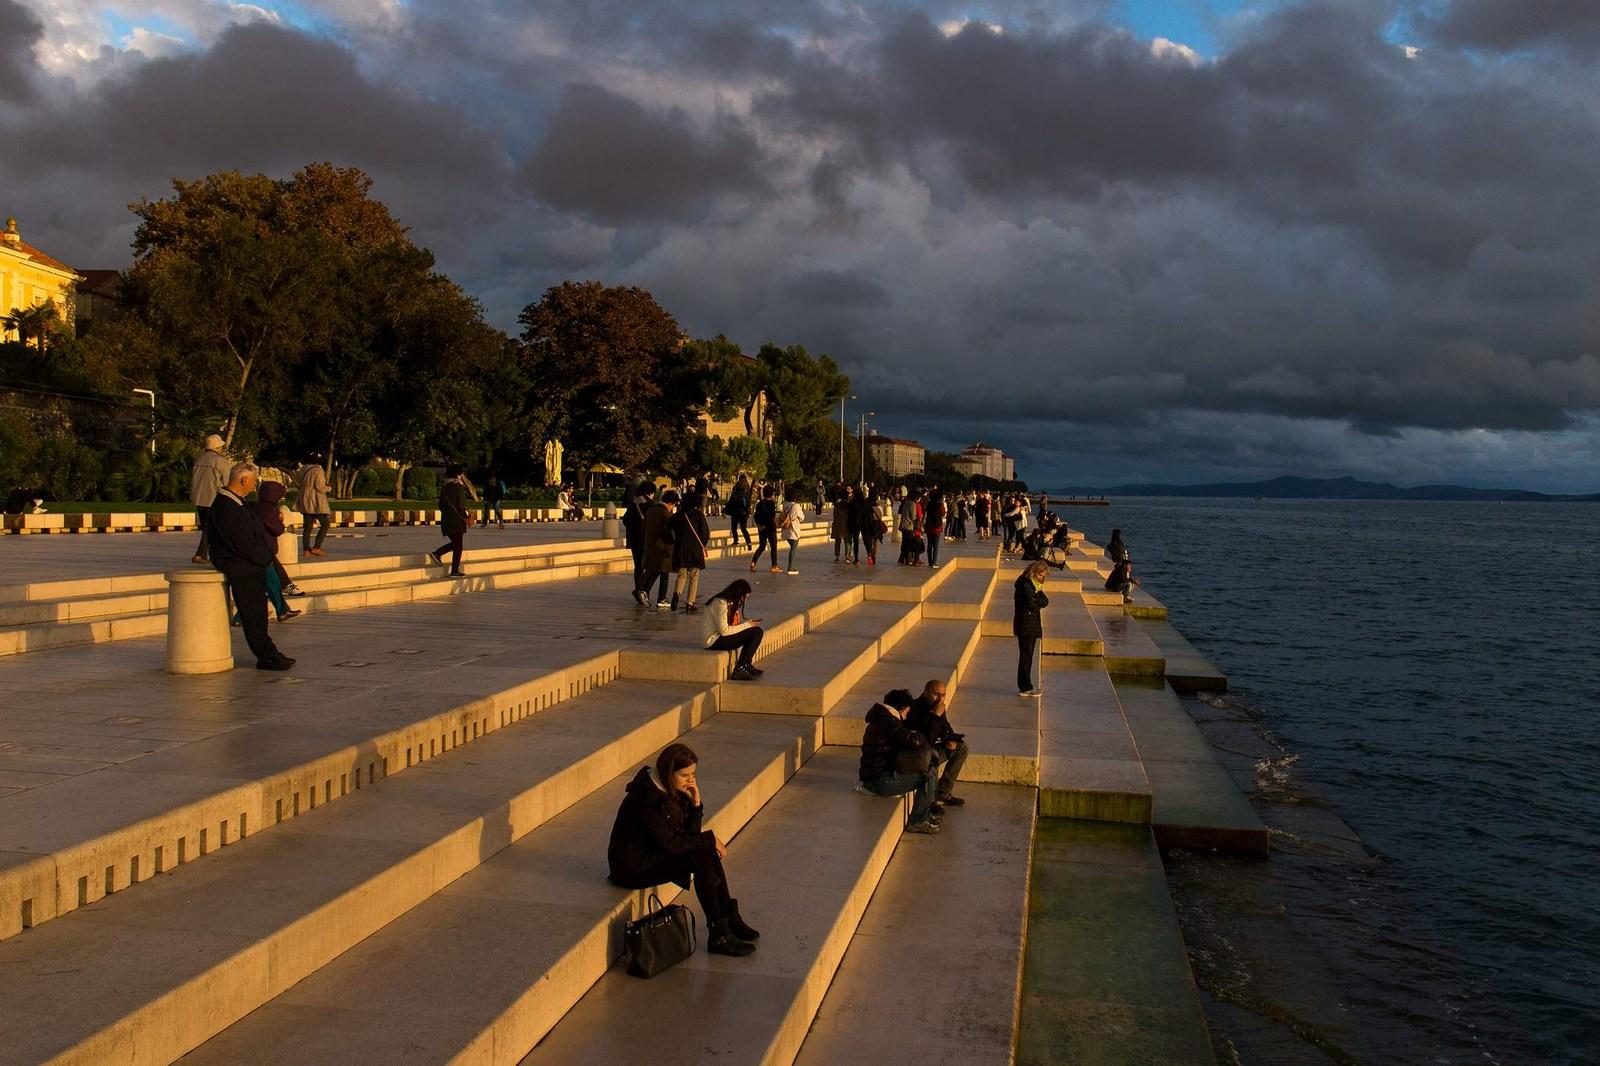 Slabo vreme? Kljub vsemu ljudje radi pridejo na morske orgle, saj je postala, med drugim, tudi nekakšna meditacijska točka. Foto: HTZ in Mladen Radolović Mrlja.